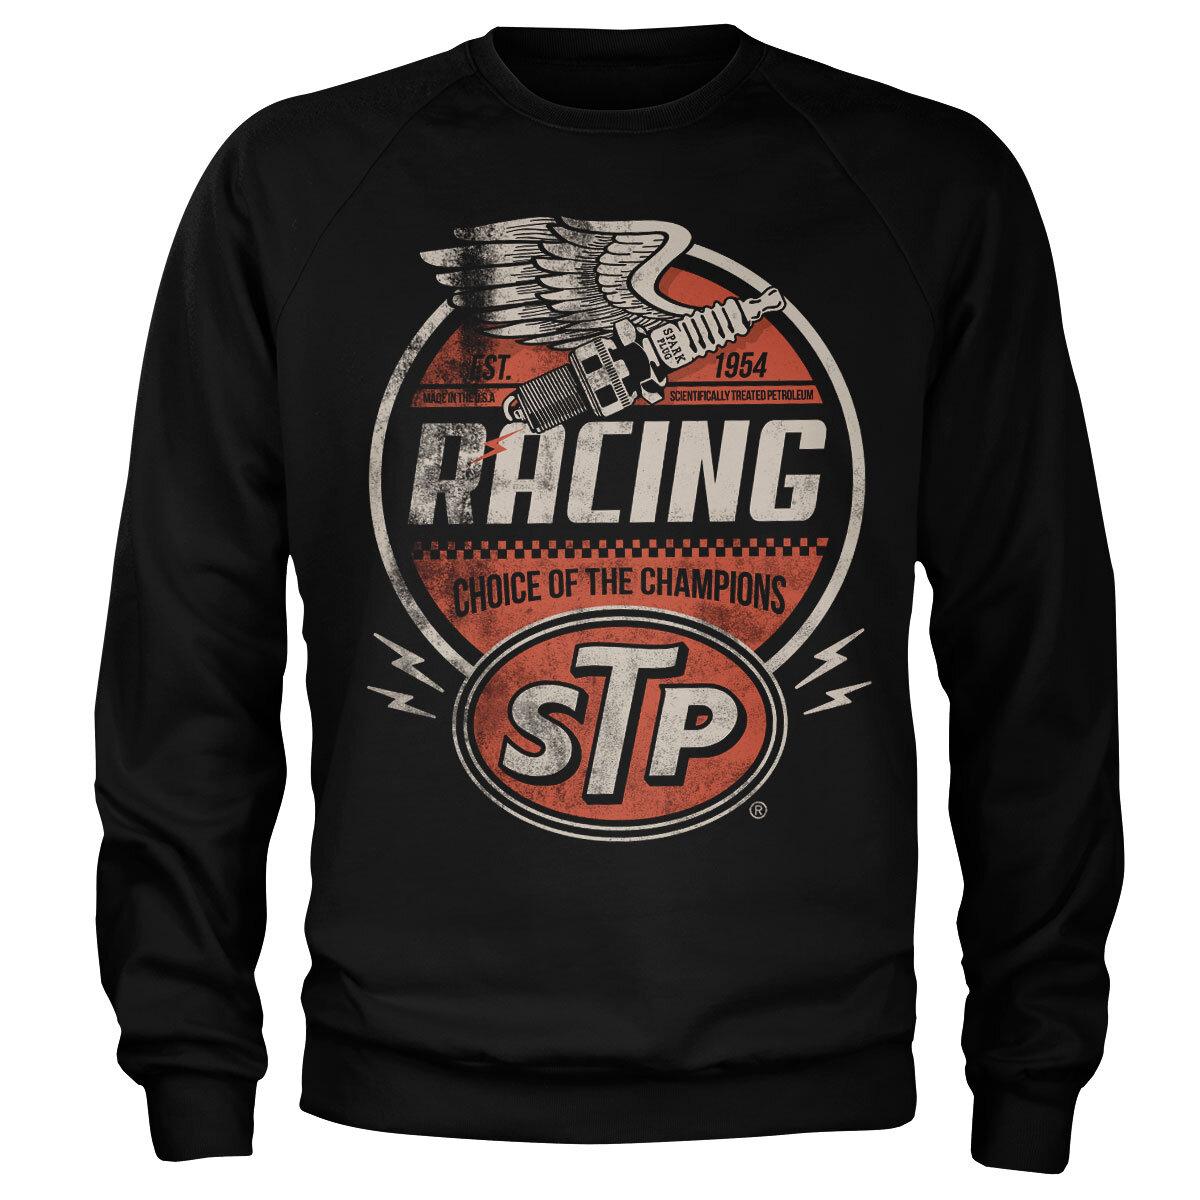 STP Vintage Racing Sweatshirt